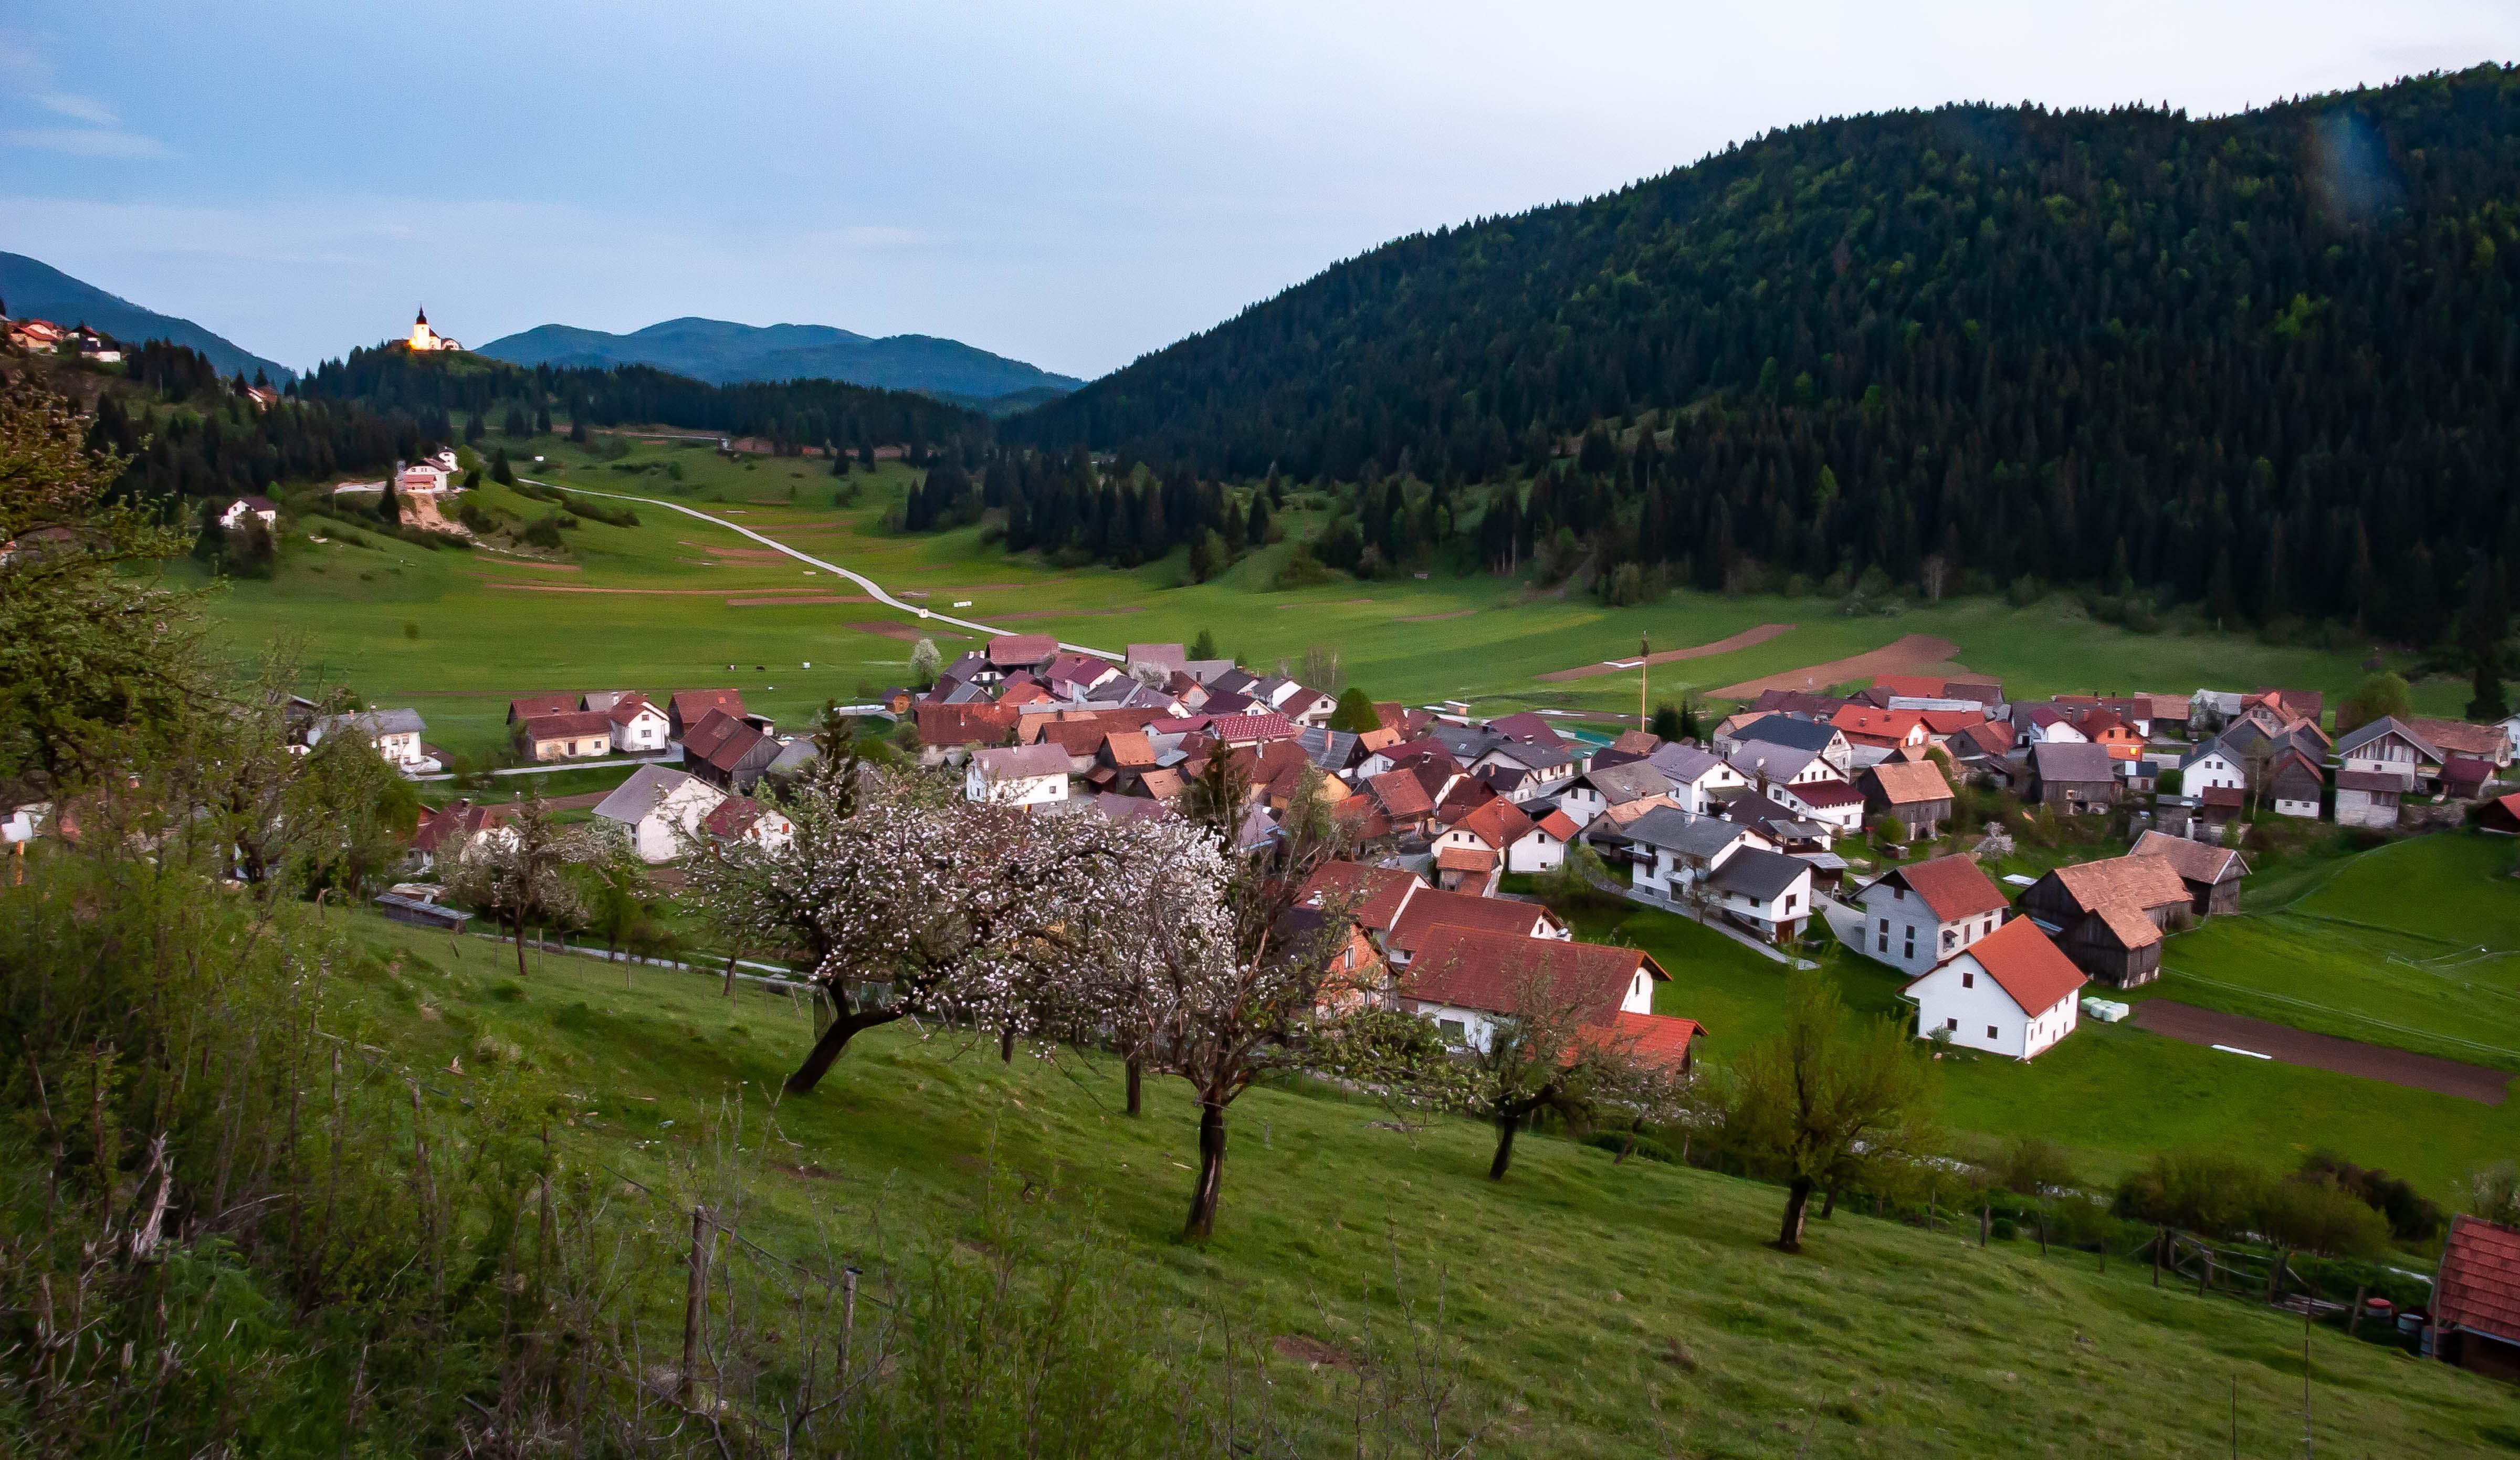 Slovenia, Loski Potok Prov, Village, 2006, IMG 7150